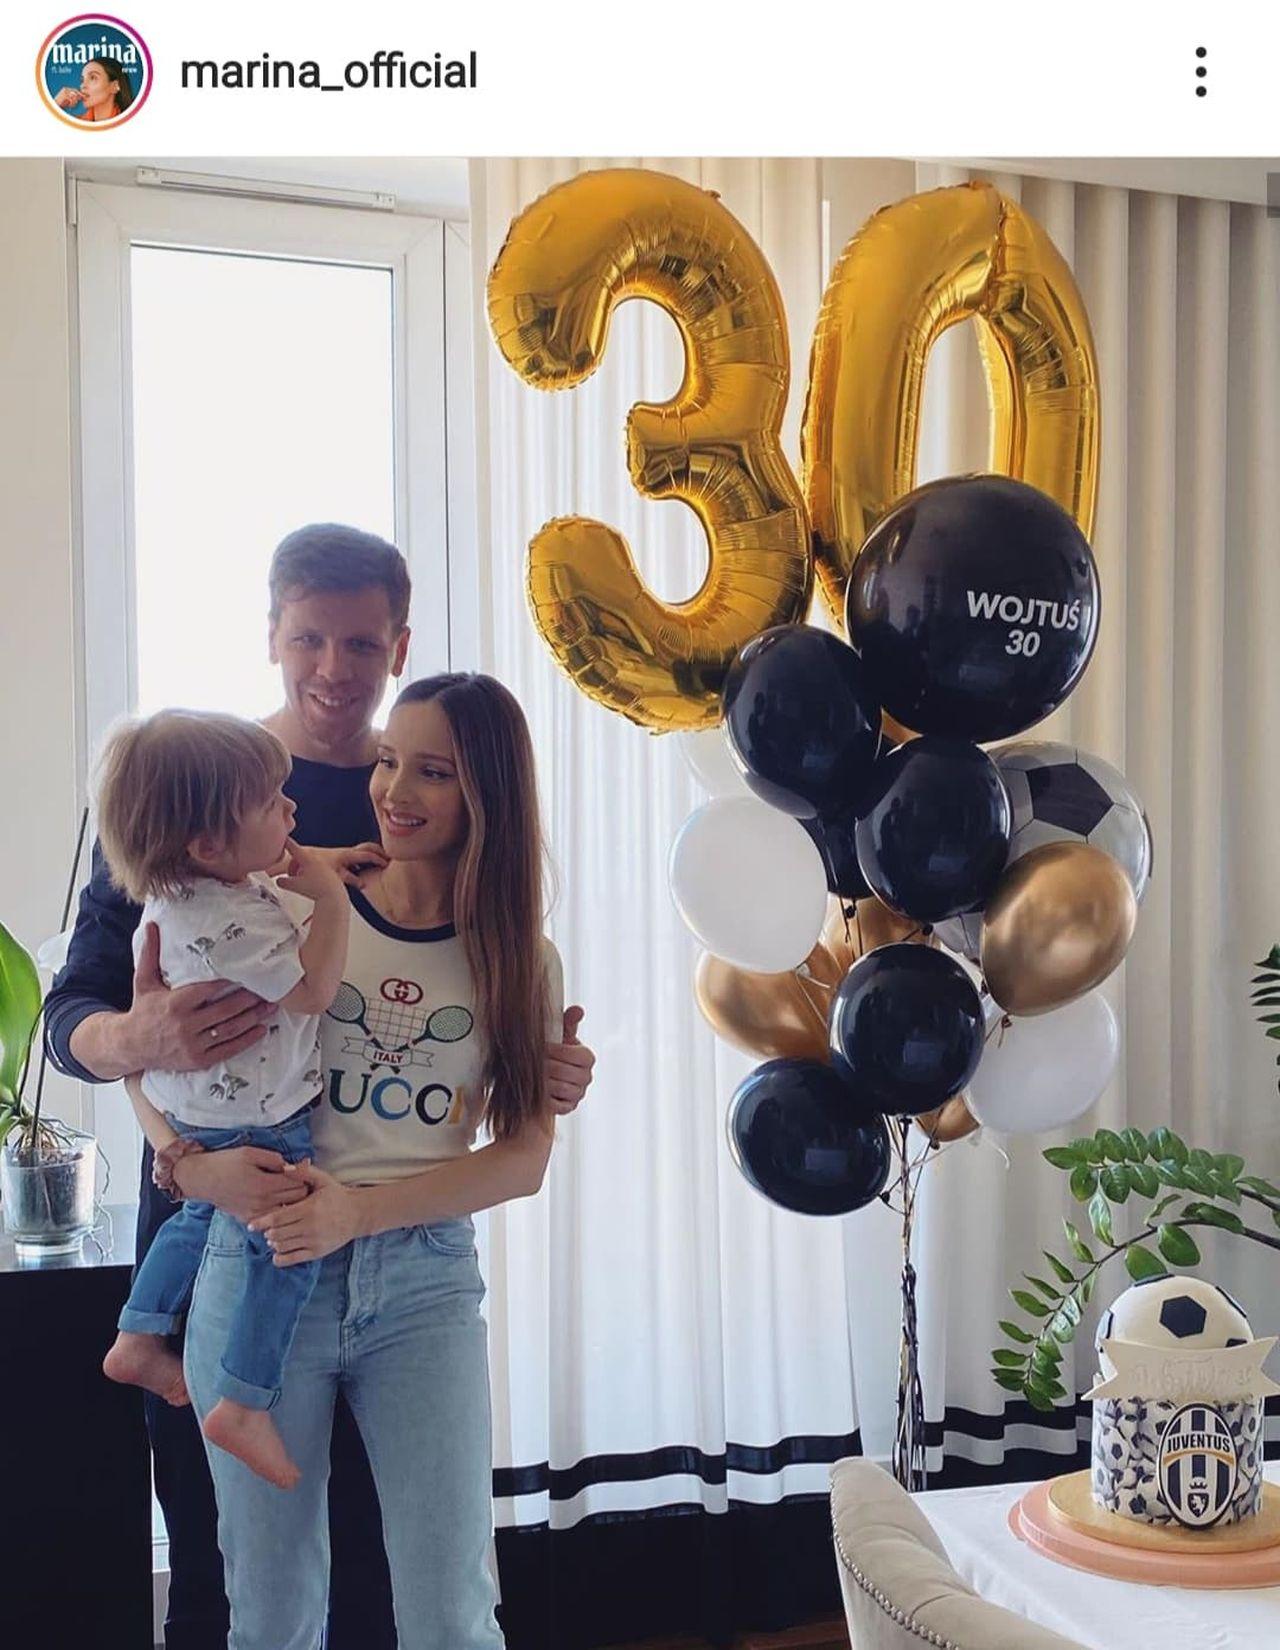 Marina i Wojciech Szczęśni z synem